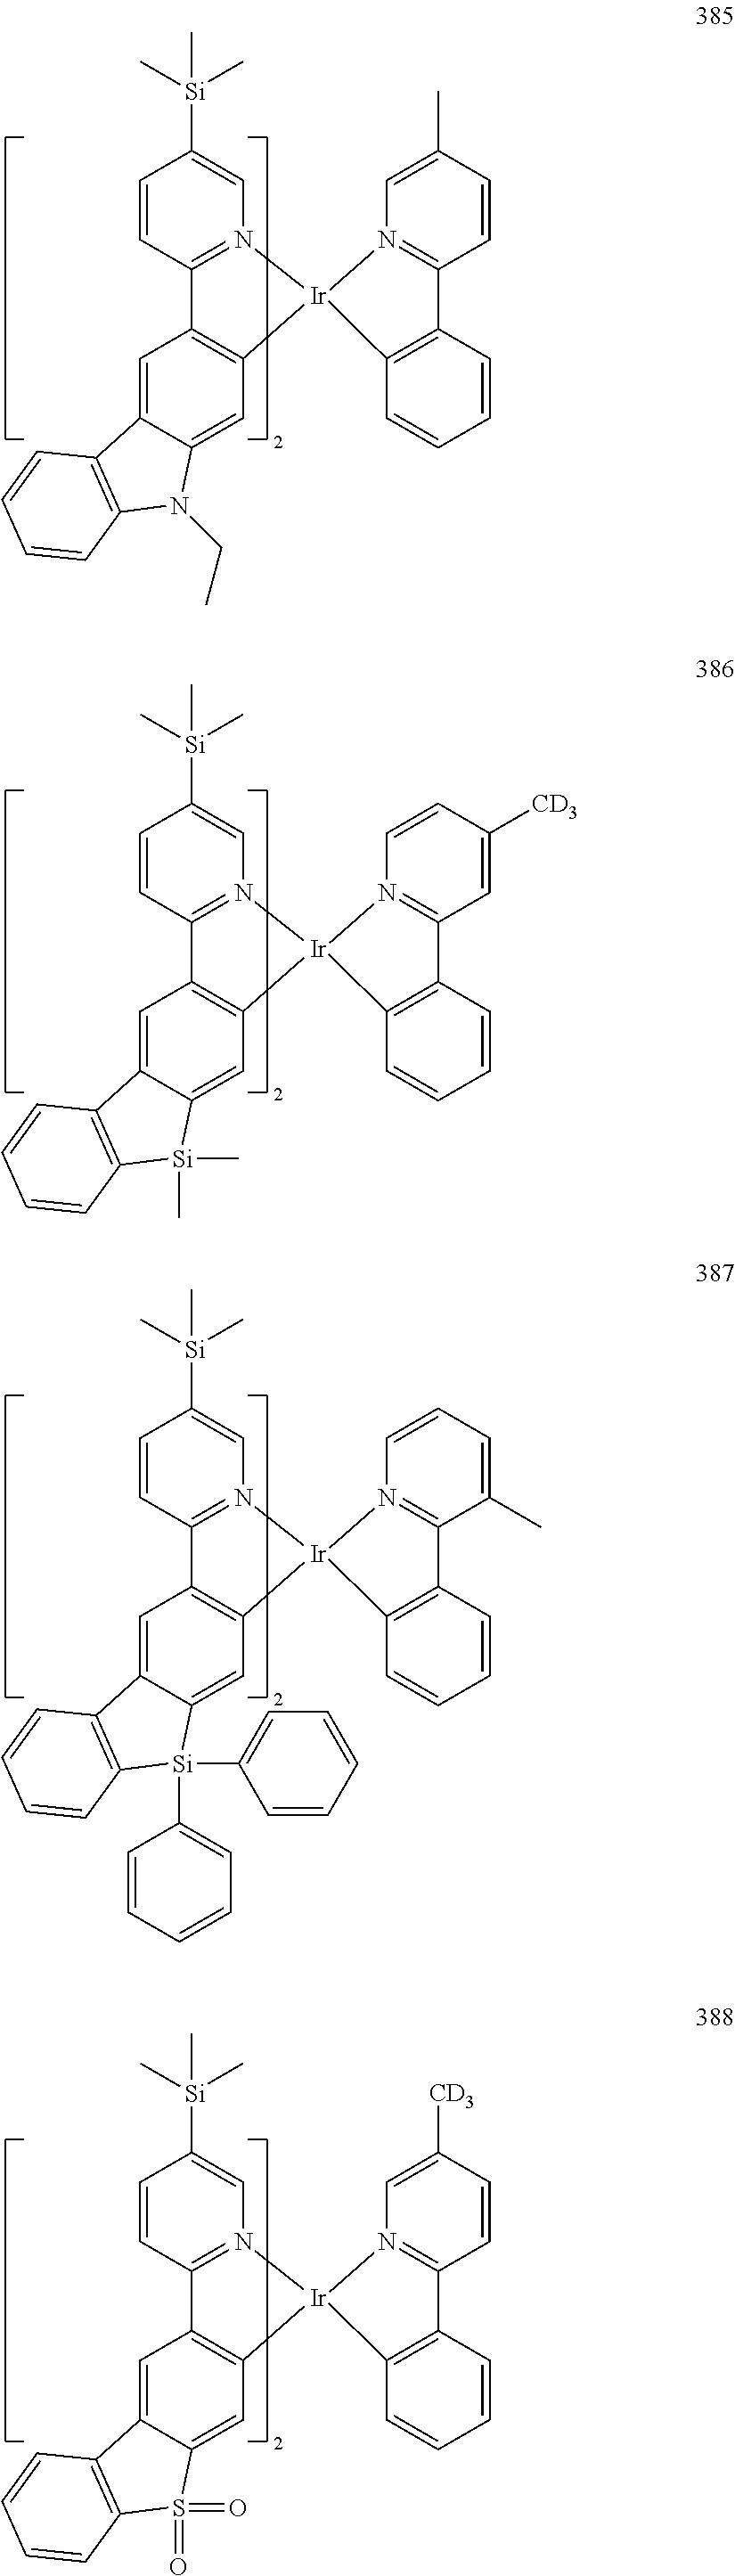 Figure US20160155962A1-20160602-C00177